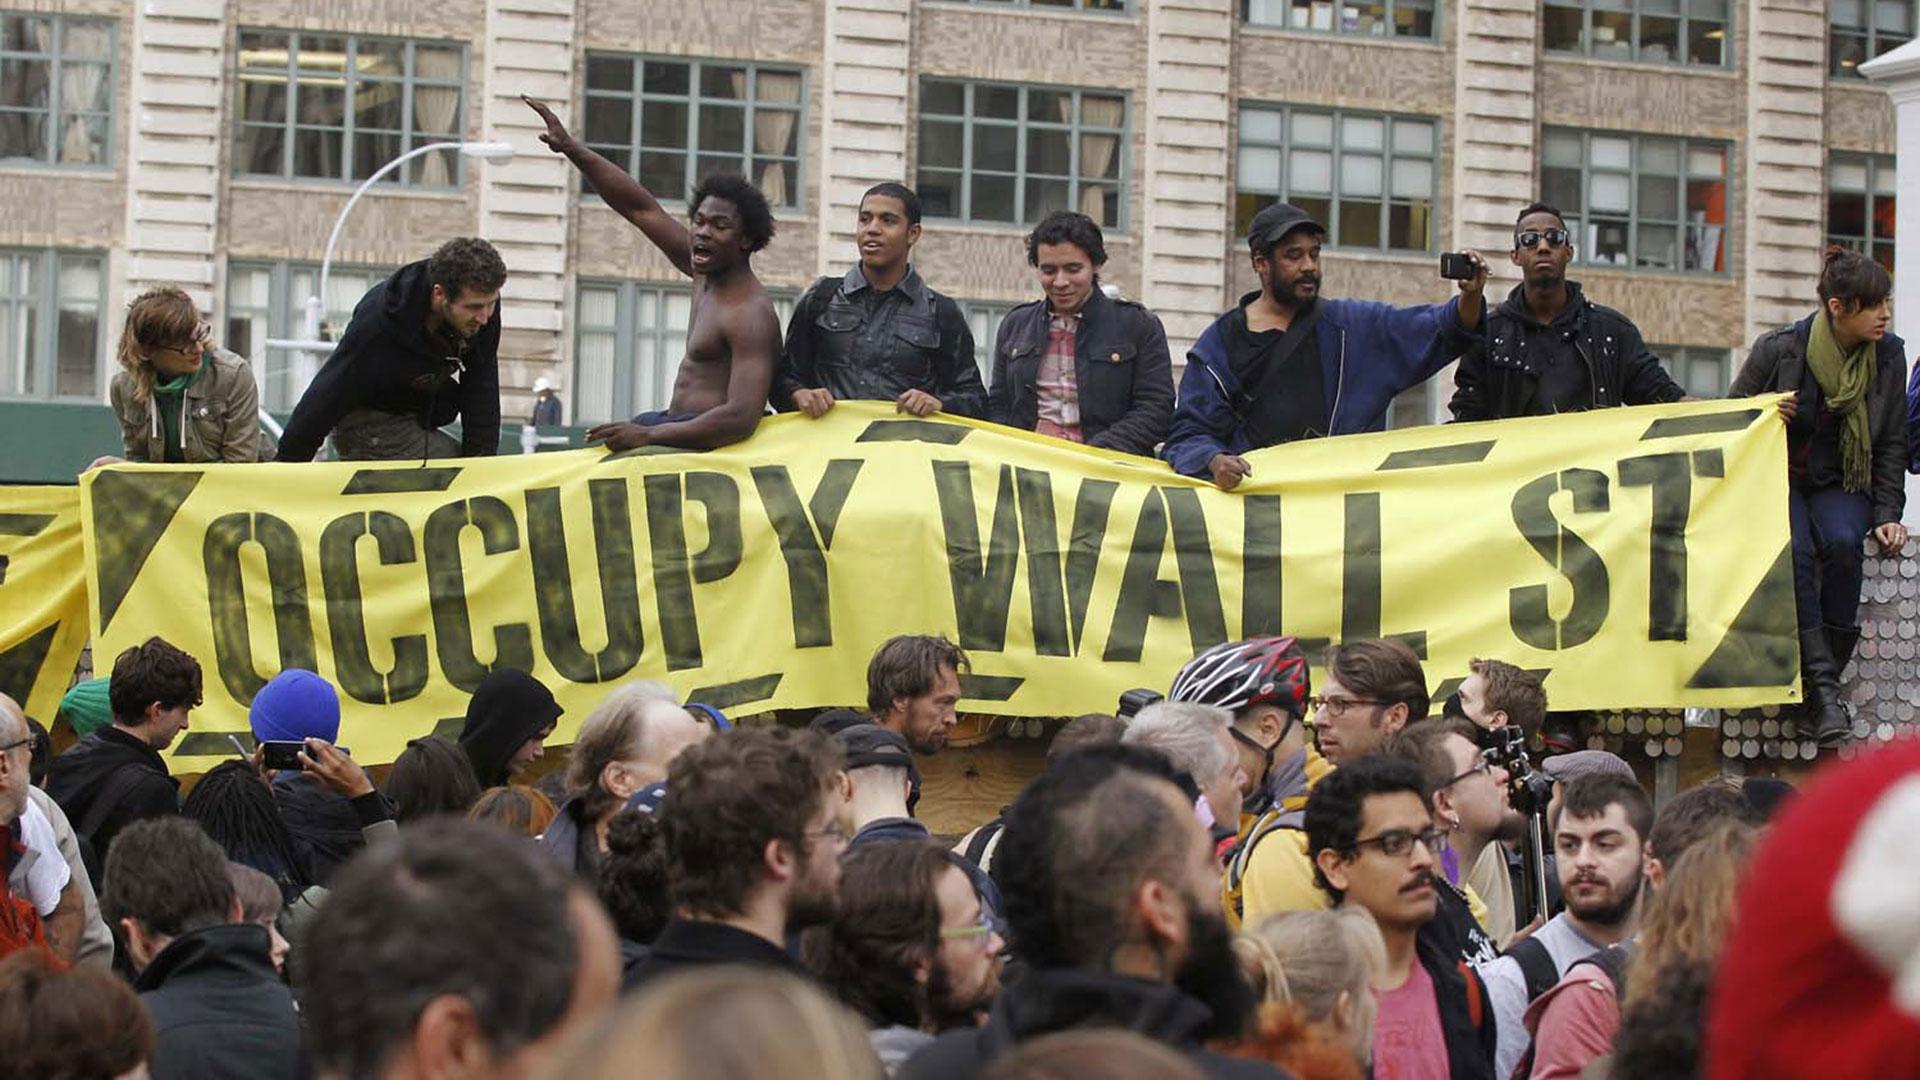 Los manifestantes de Occupy Wall Street se reúnen en Duarte Square en Nueva York el 15 de noviembre de 2011 y desatan un movimiento nacional en contra de la desigualdad económica. (Reuters)